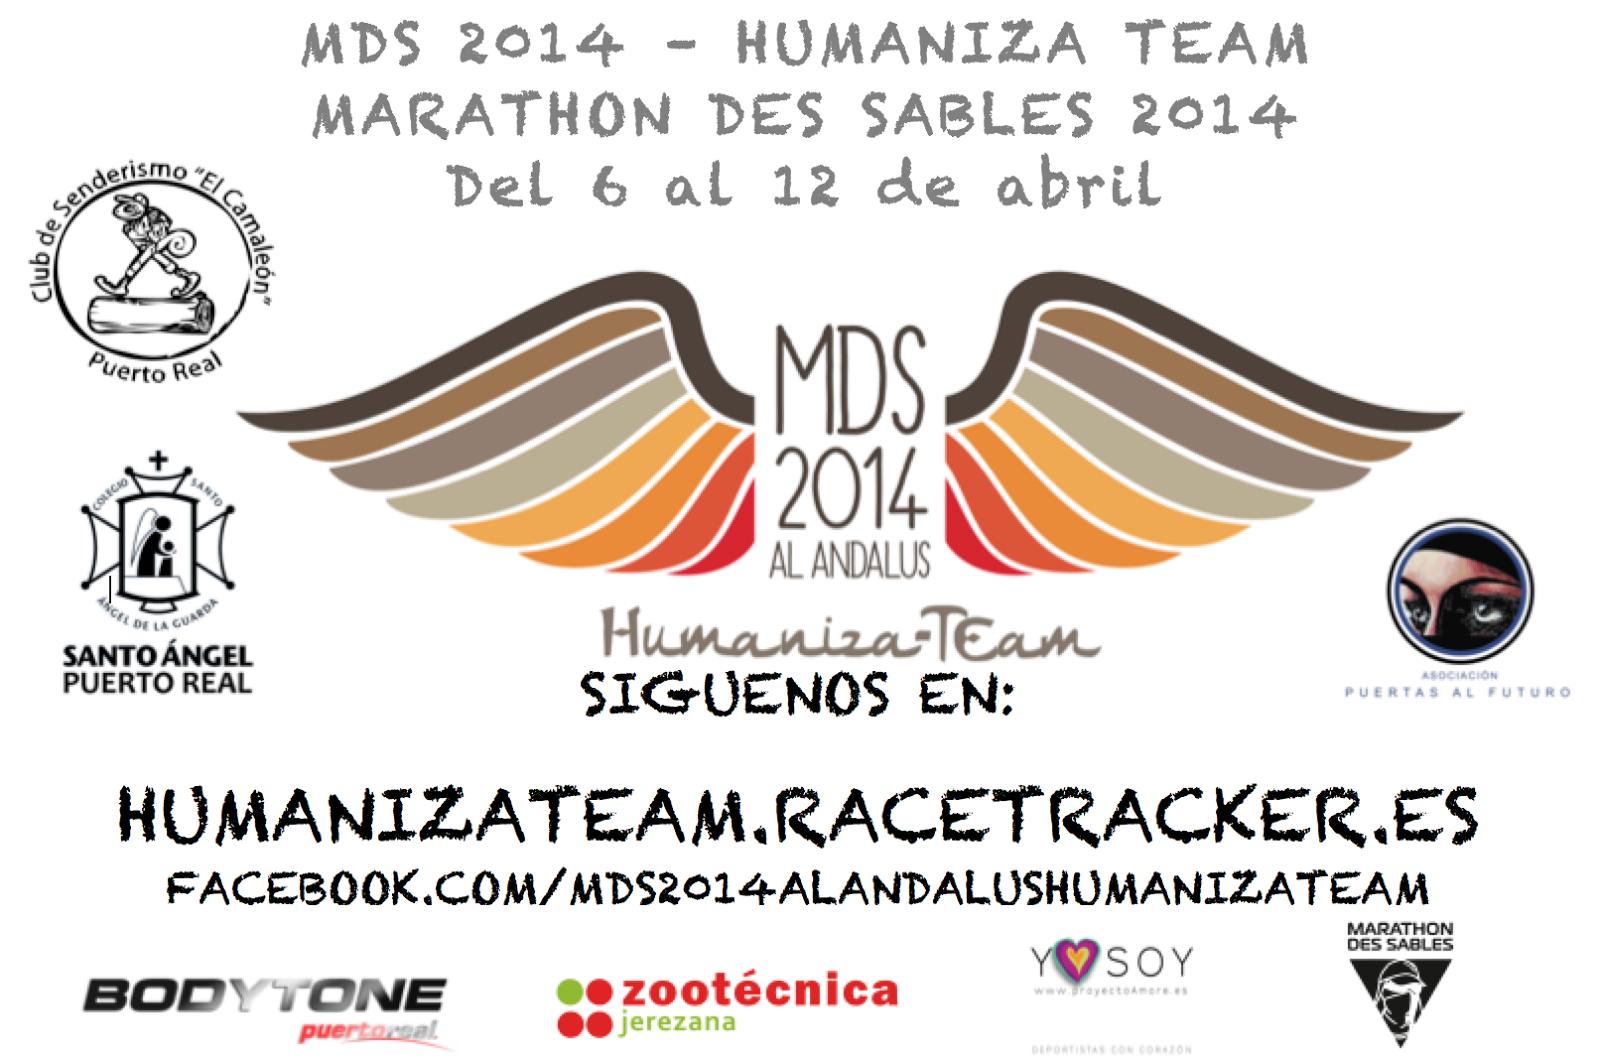 Marathon de Sables 2014